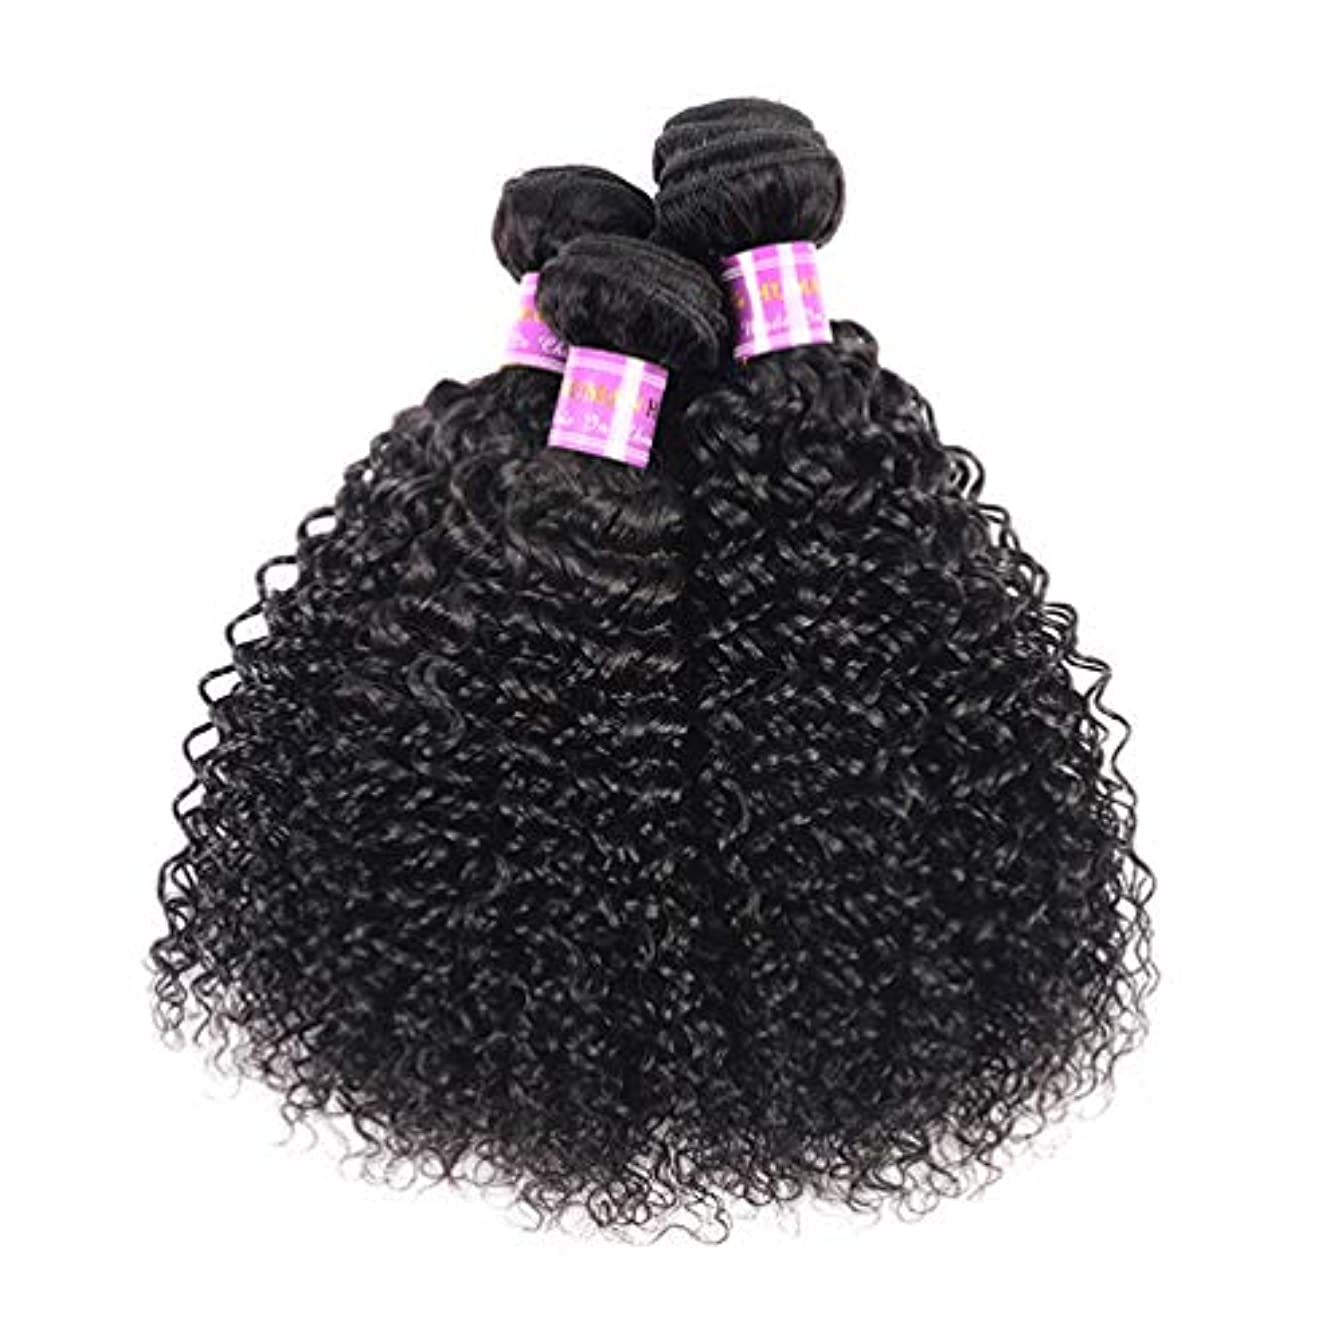 不安定な鋸歯状遺産ブラジルの毛3の束10Aブラジルボディ波のバージンの毛100%未処理1B色の二重よこ糸の人間の毛髪延長